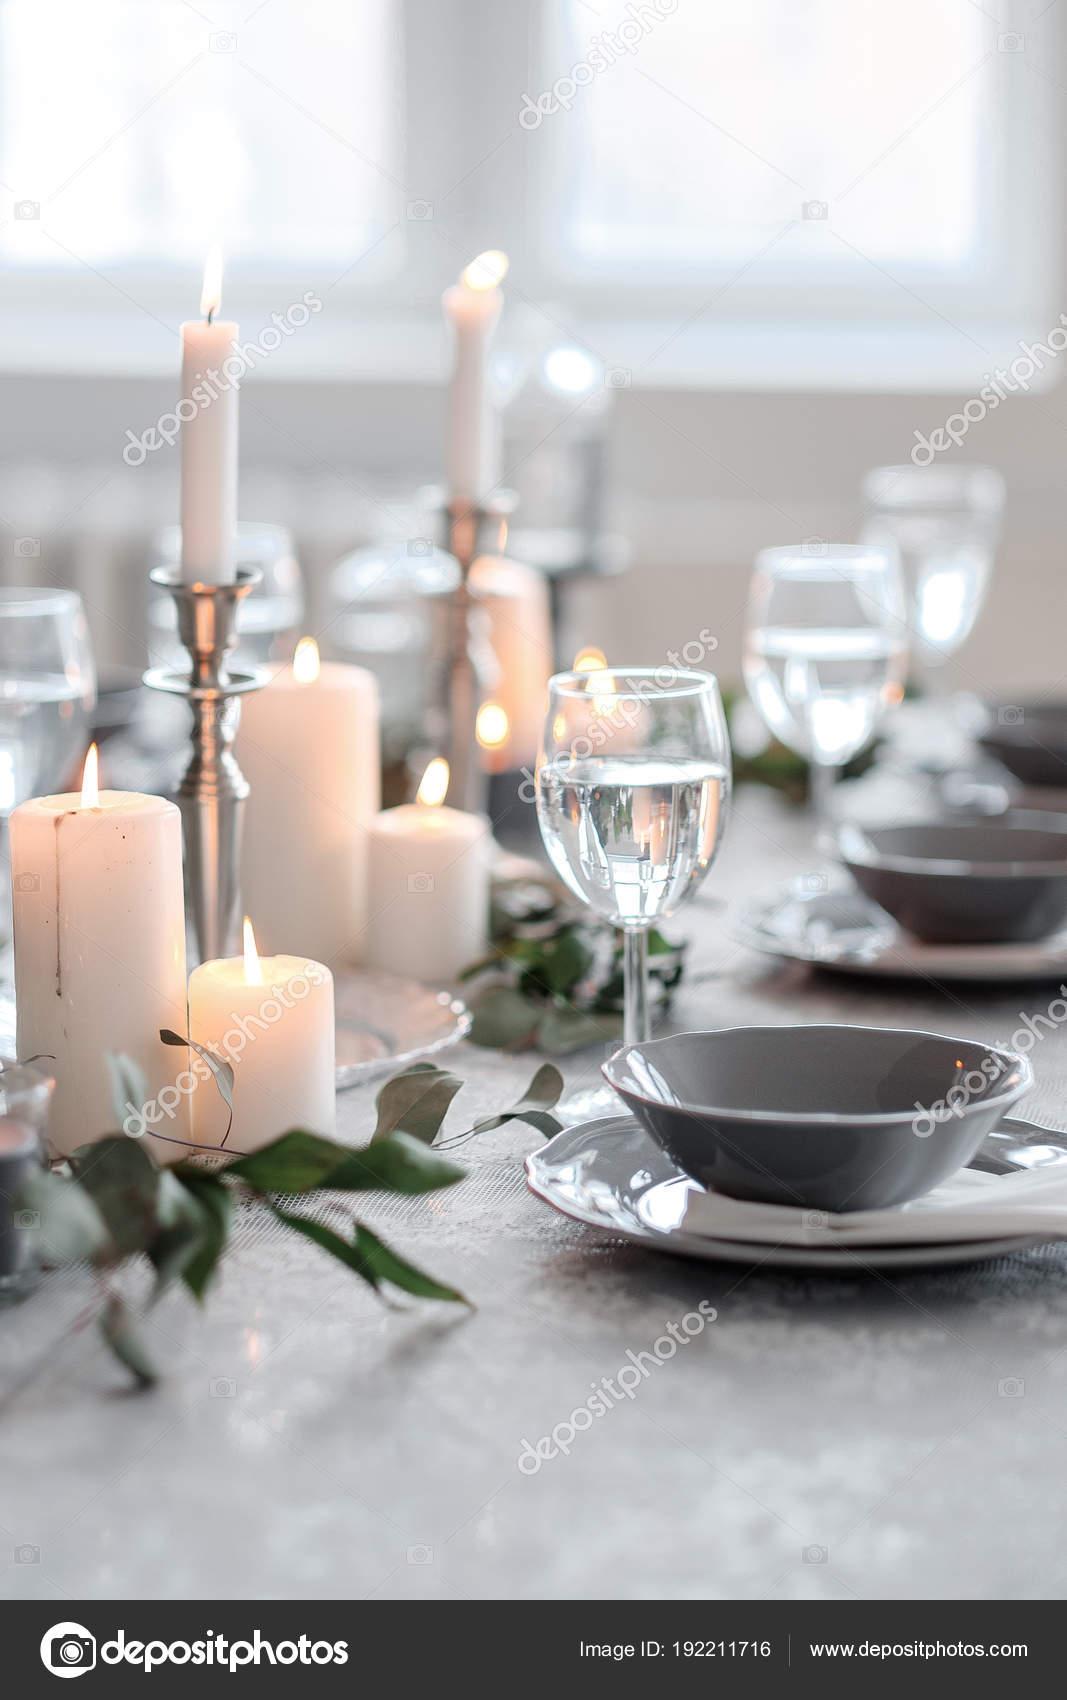 Hochzeit Oder Festliche Tischdekoration Teller Besteck Weinglaser